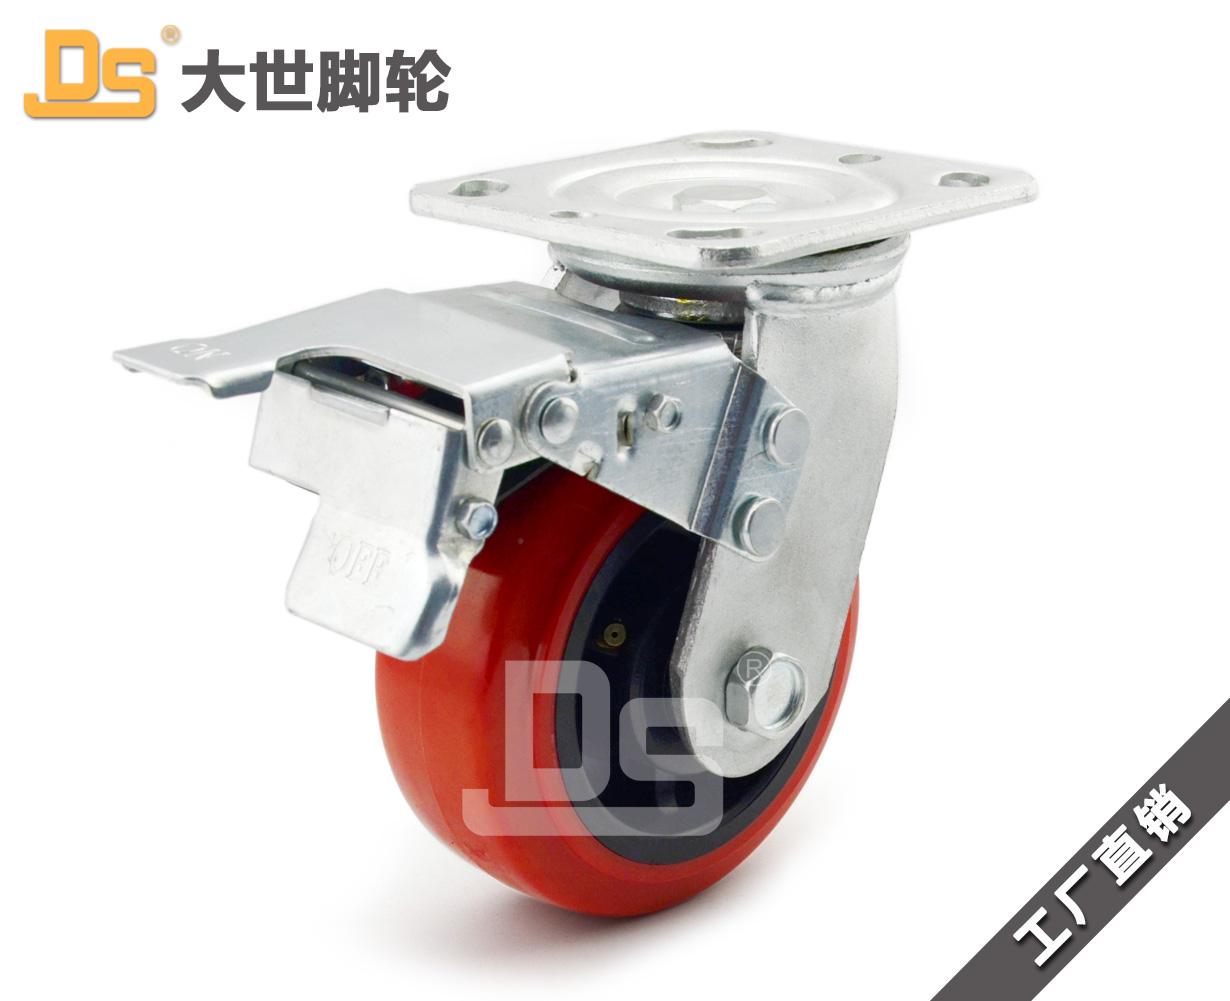 塑料芯pvc脚轮厂家-青岛哪里有供应塑料芯pvc脚轮